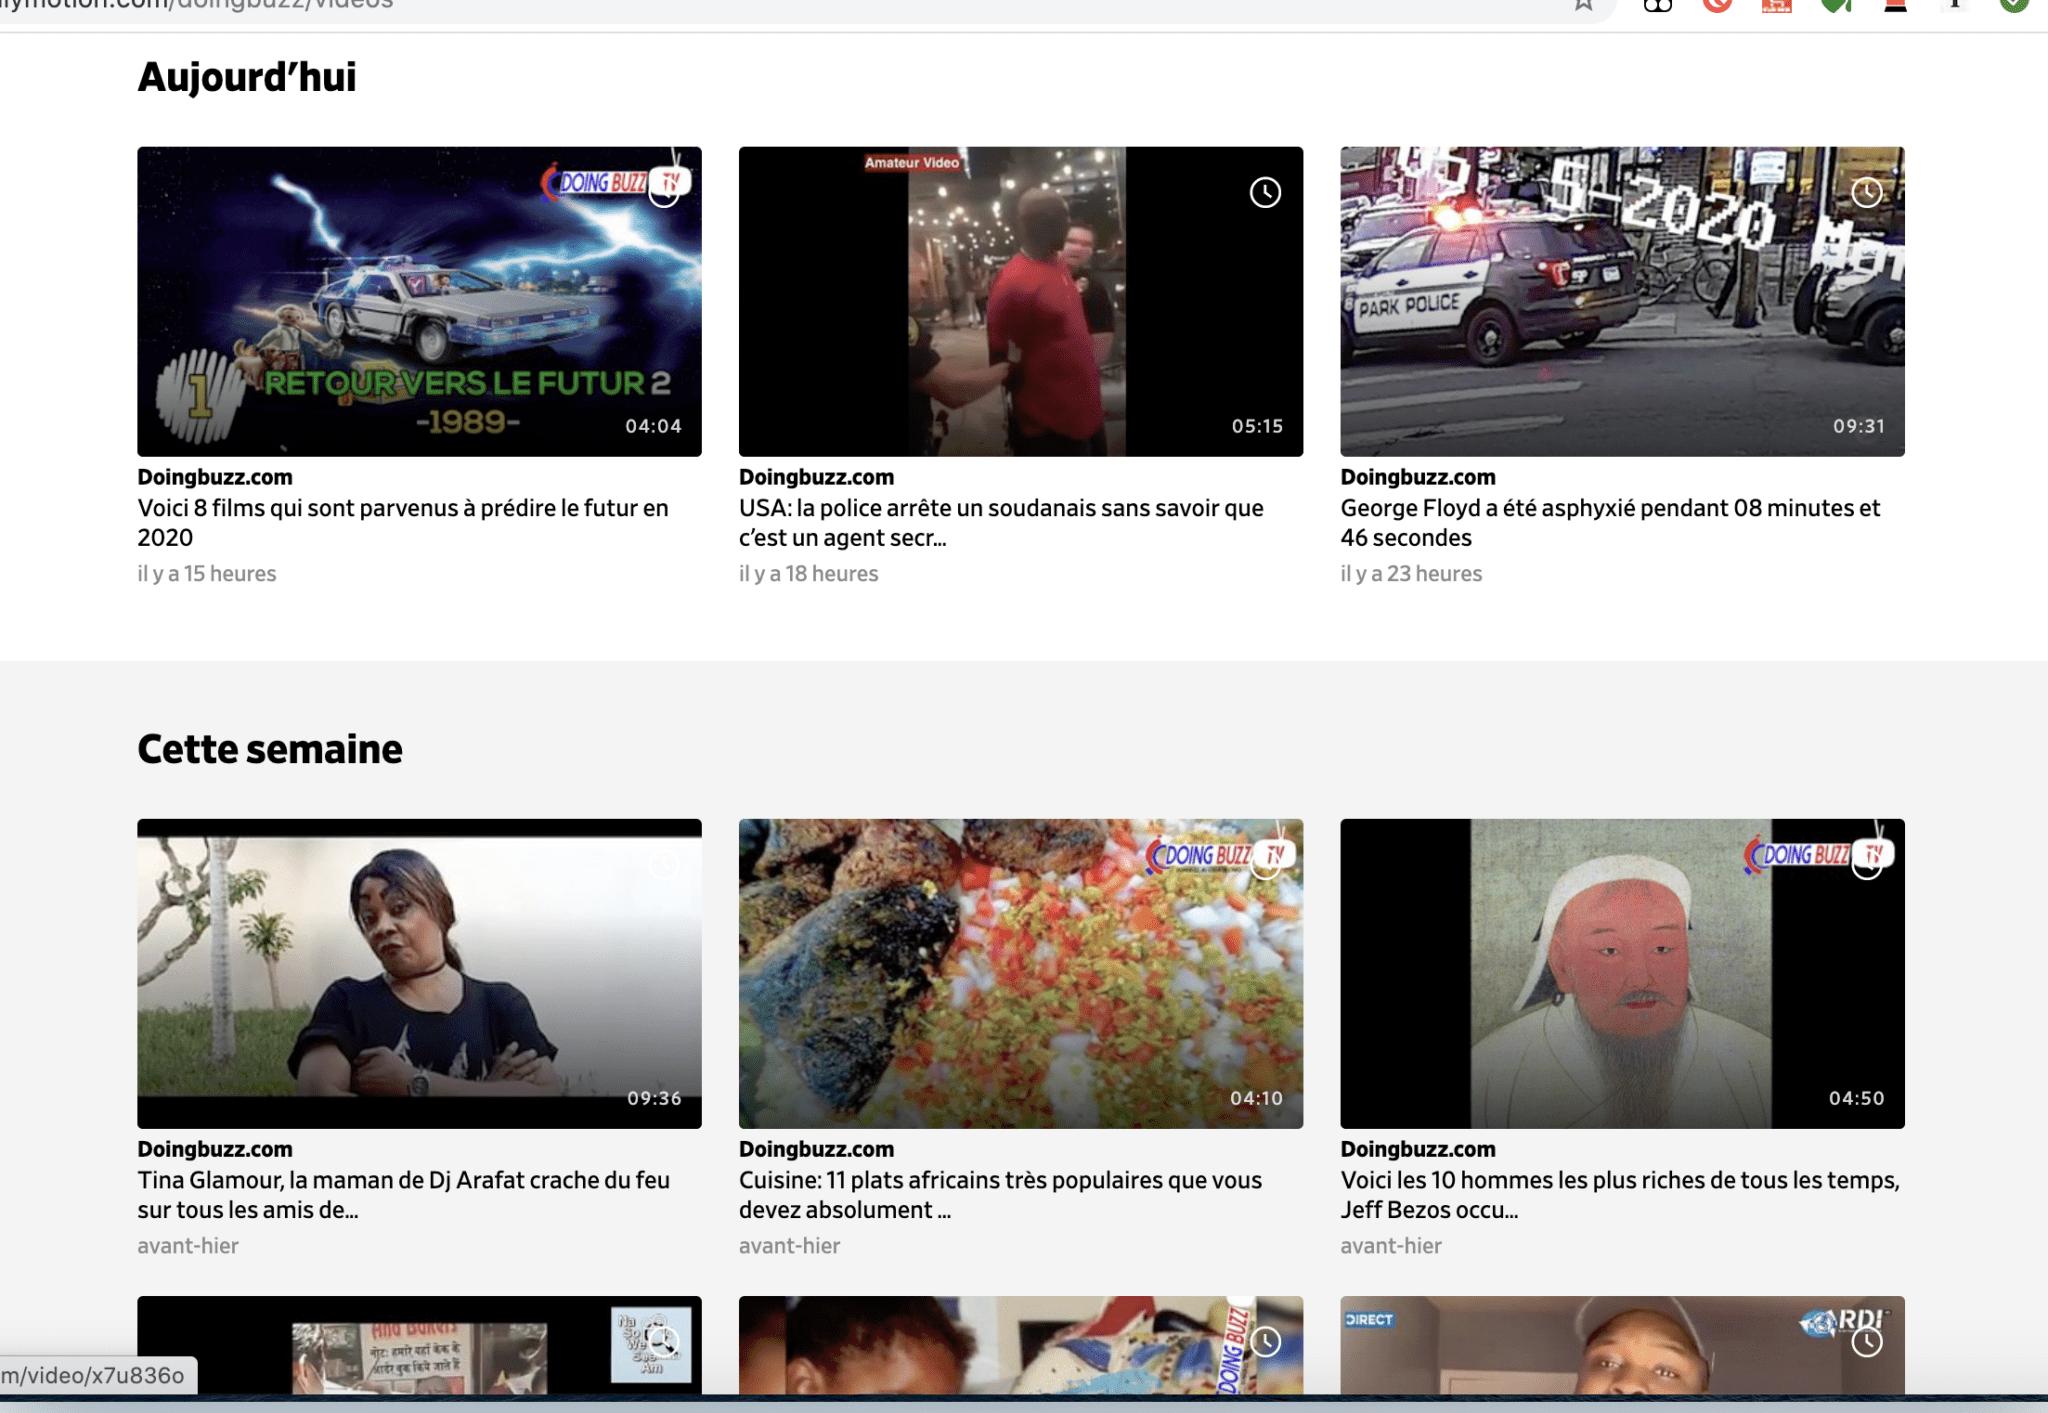 Suivez nous sur Dailymotion avec 11.6M vues – La plateforme plus intéressante que Youtube